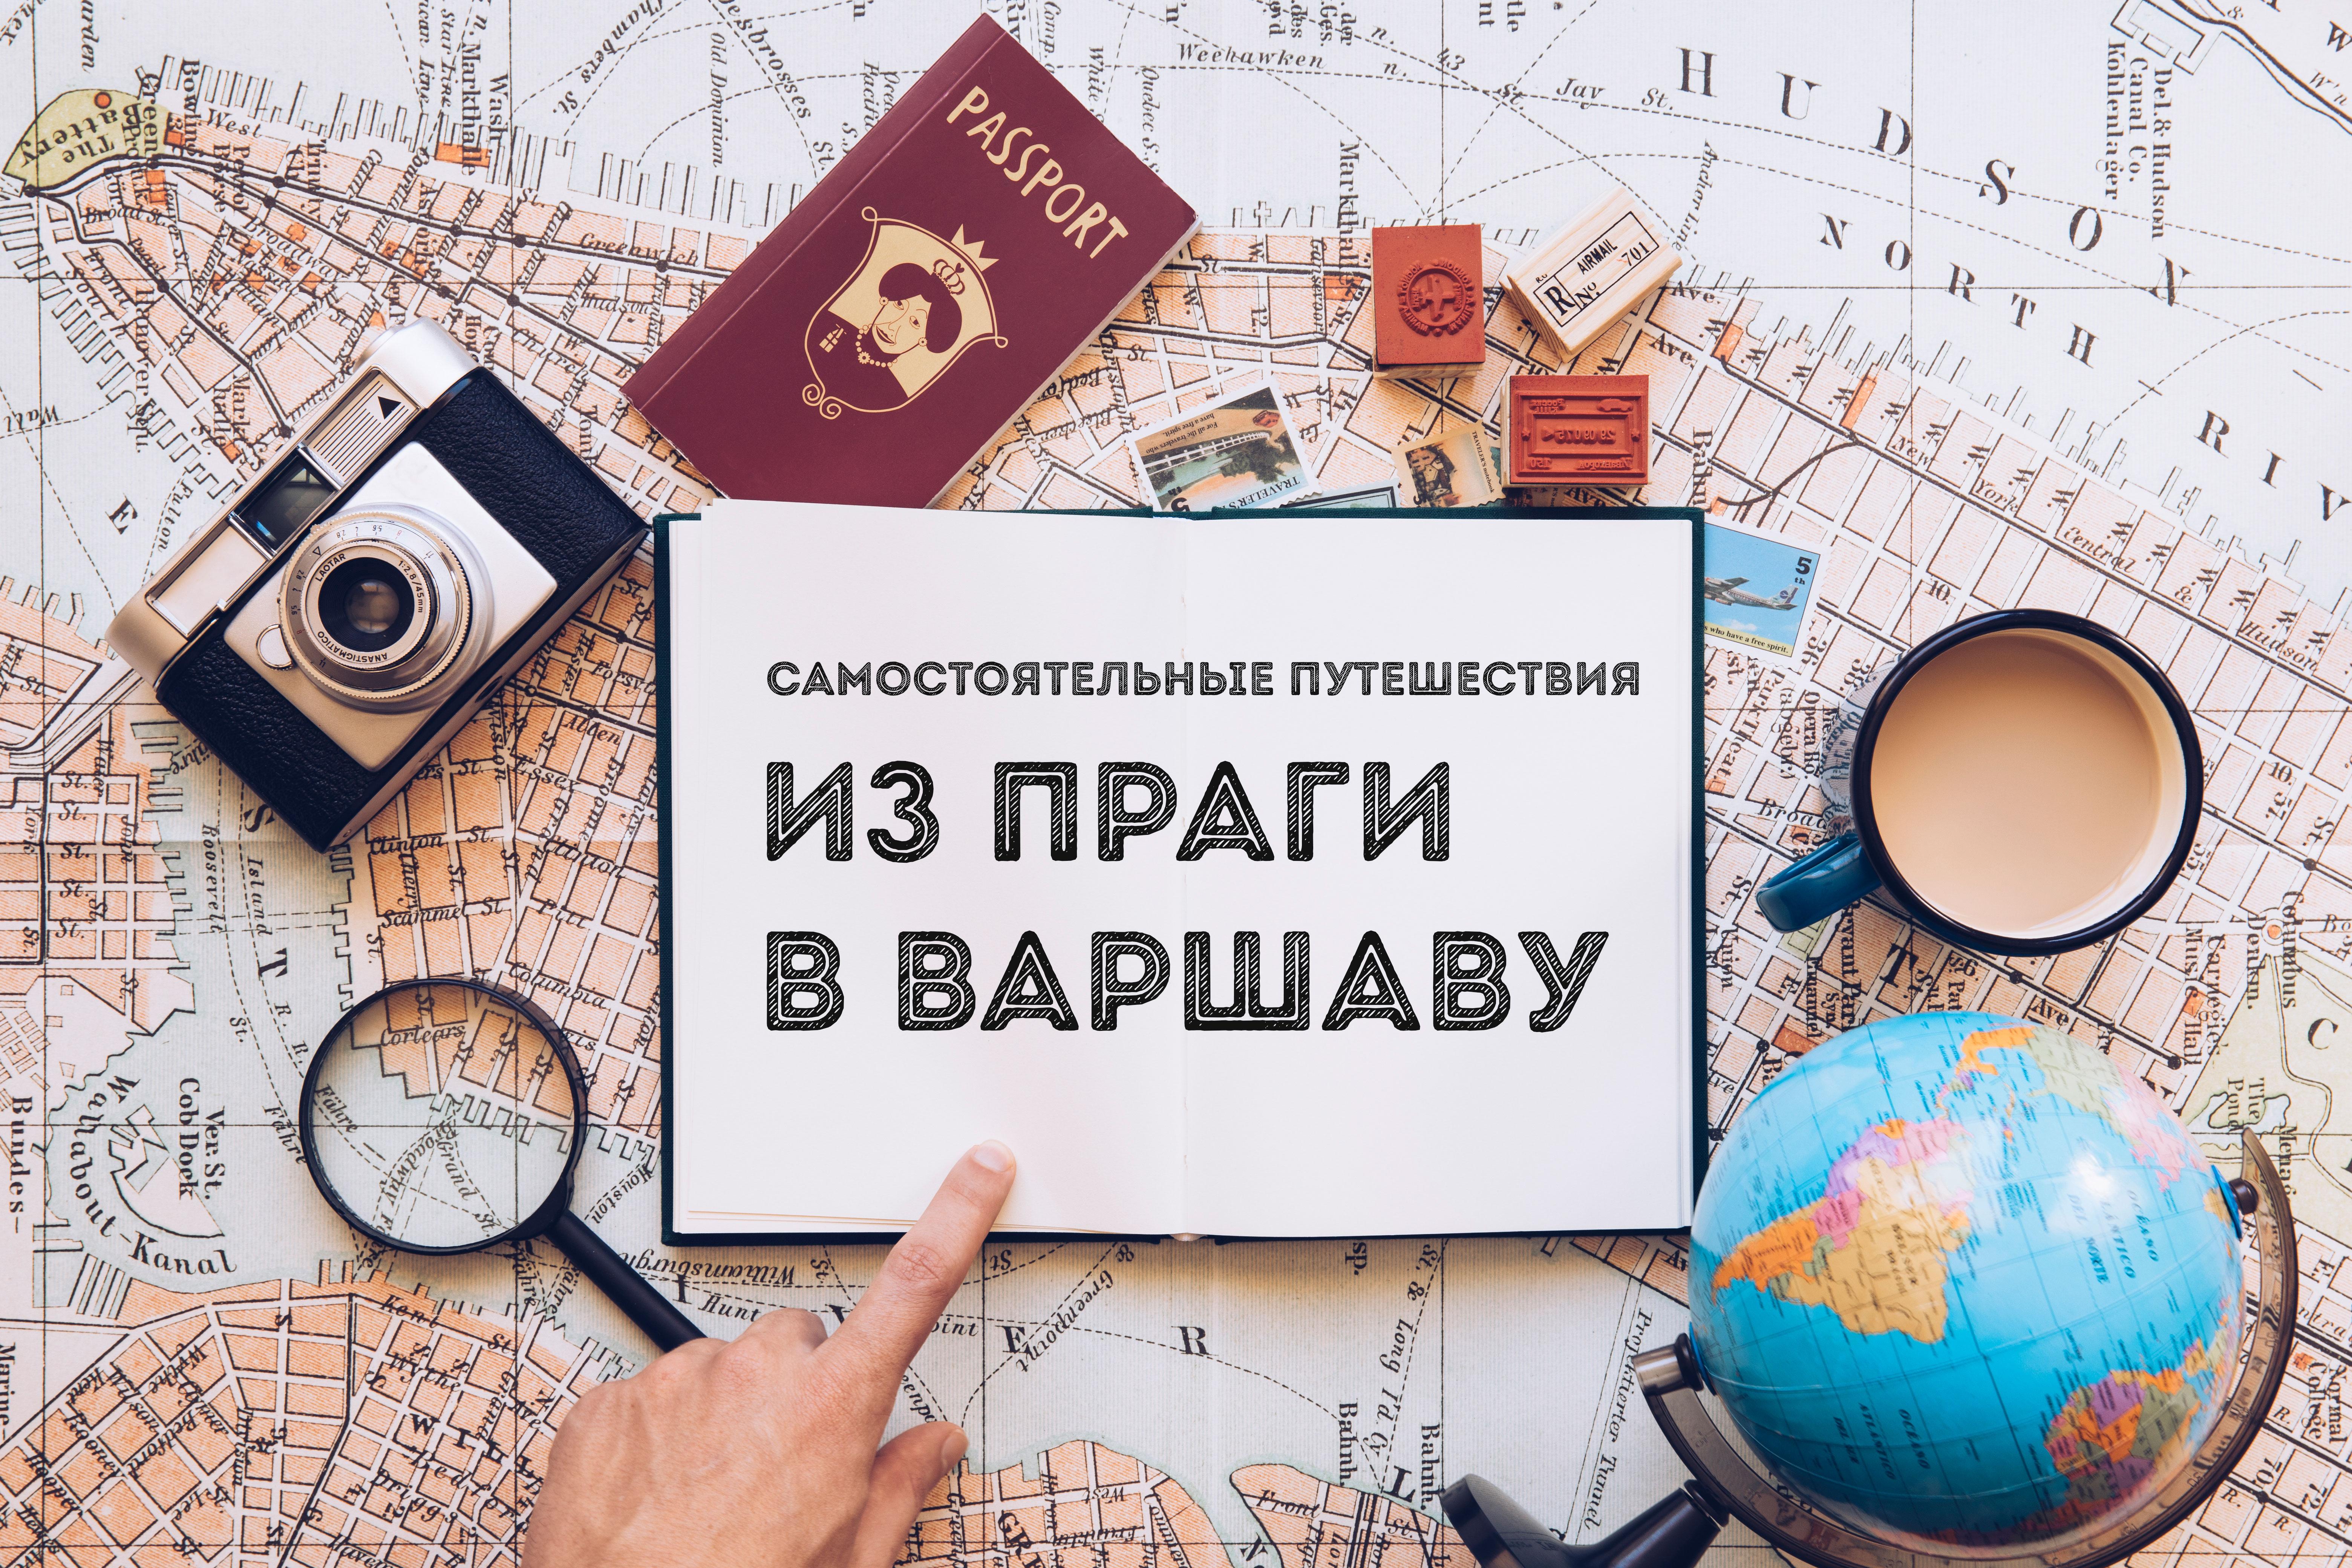 Самостоятельные путешествия: как добраться из Праги в Варшаву